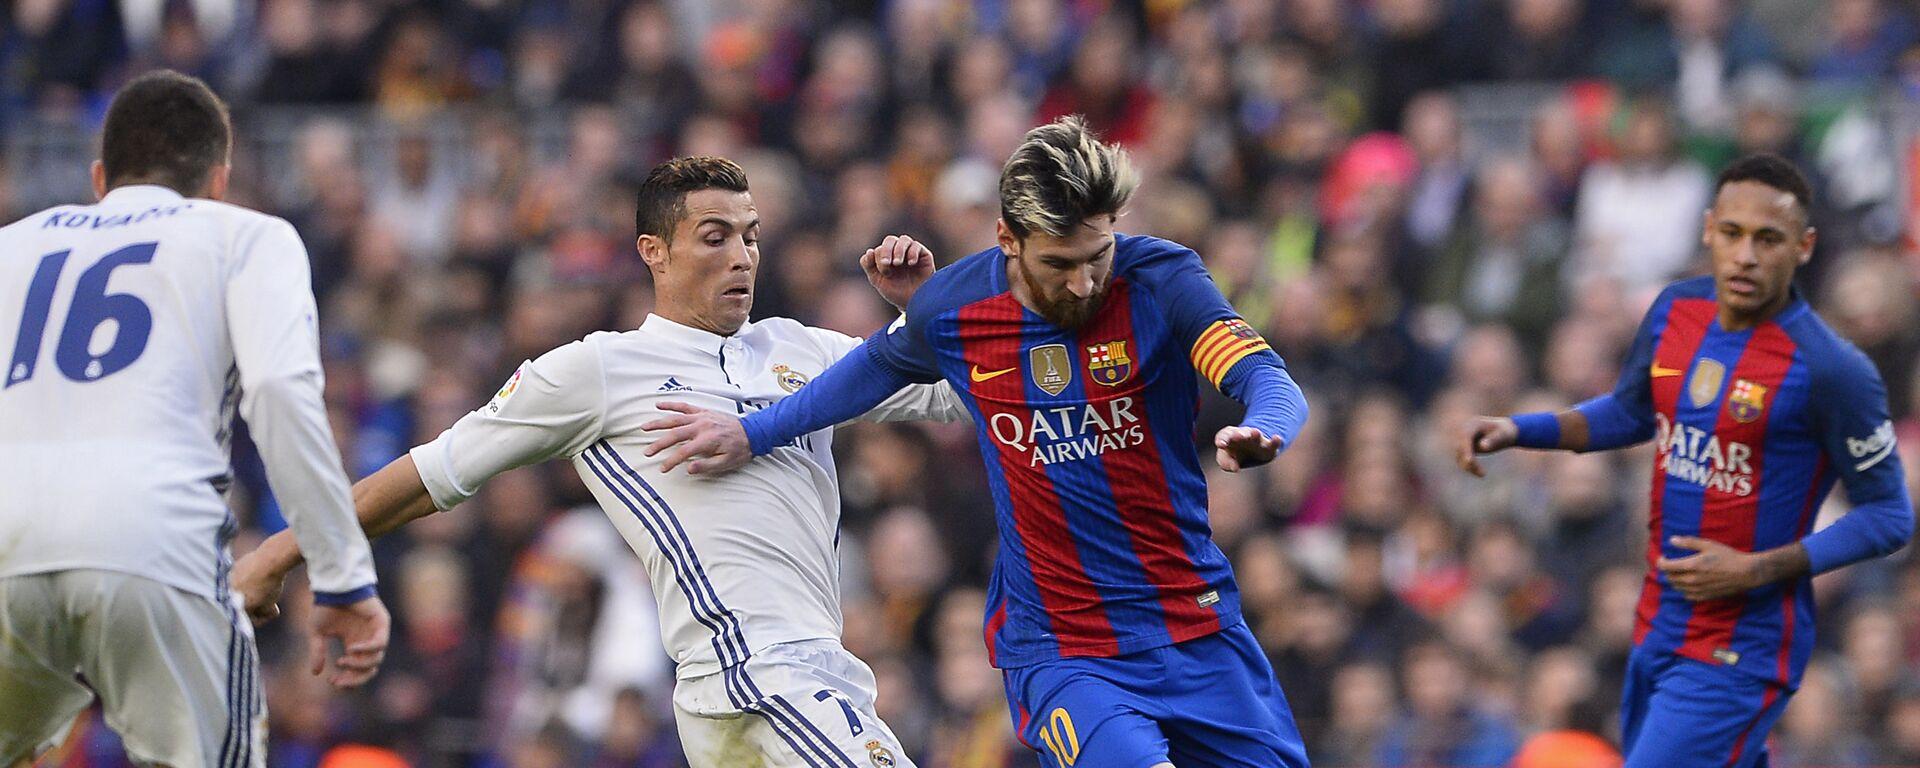 Cristiano Ronaldo i Lionel Messi - Sputnik Polska, 1920, 05.08.2021